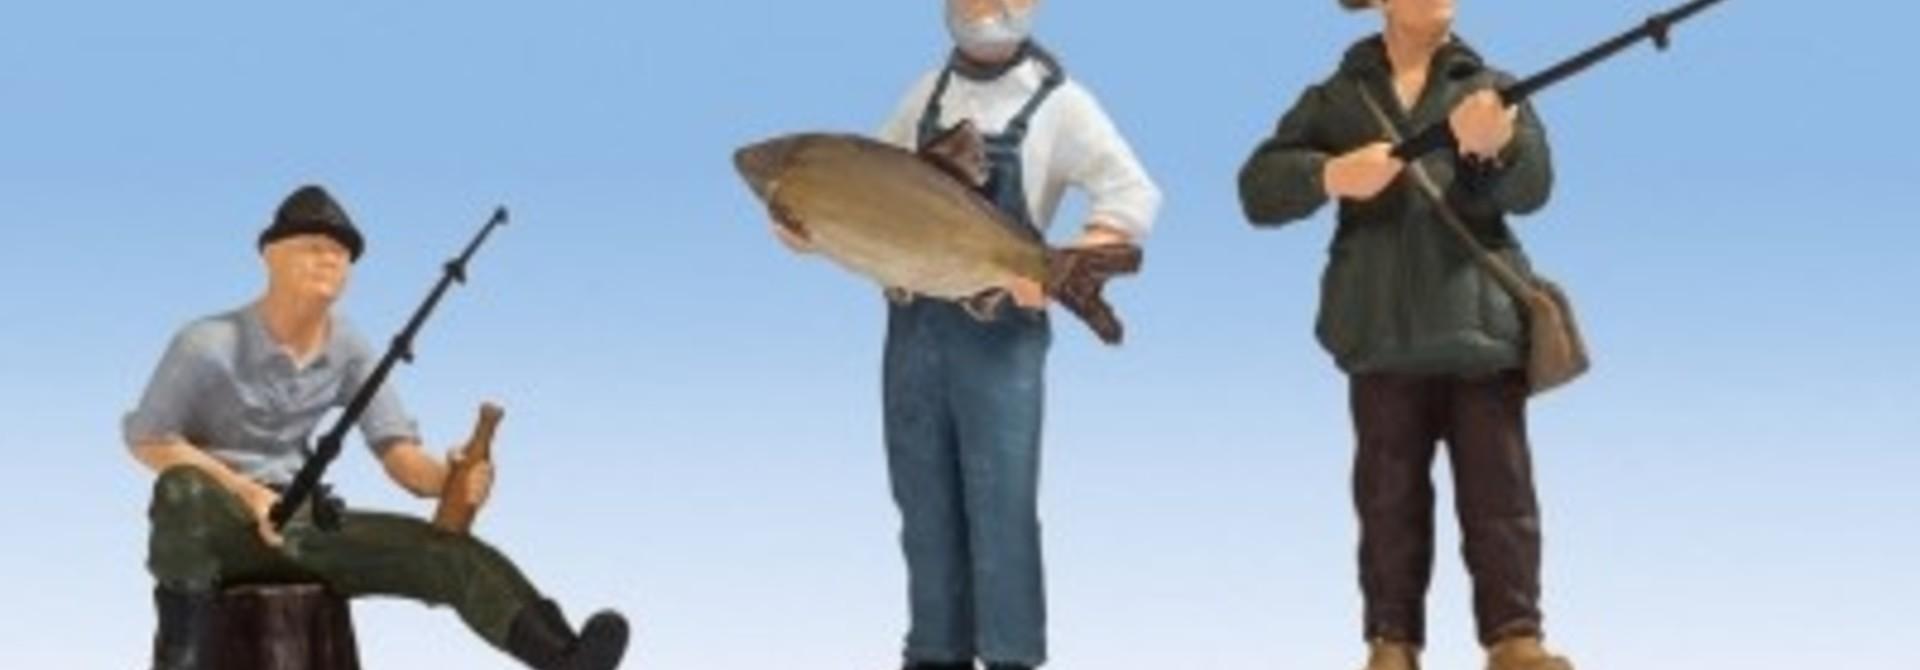 17870    Angler